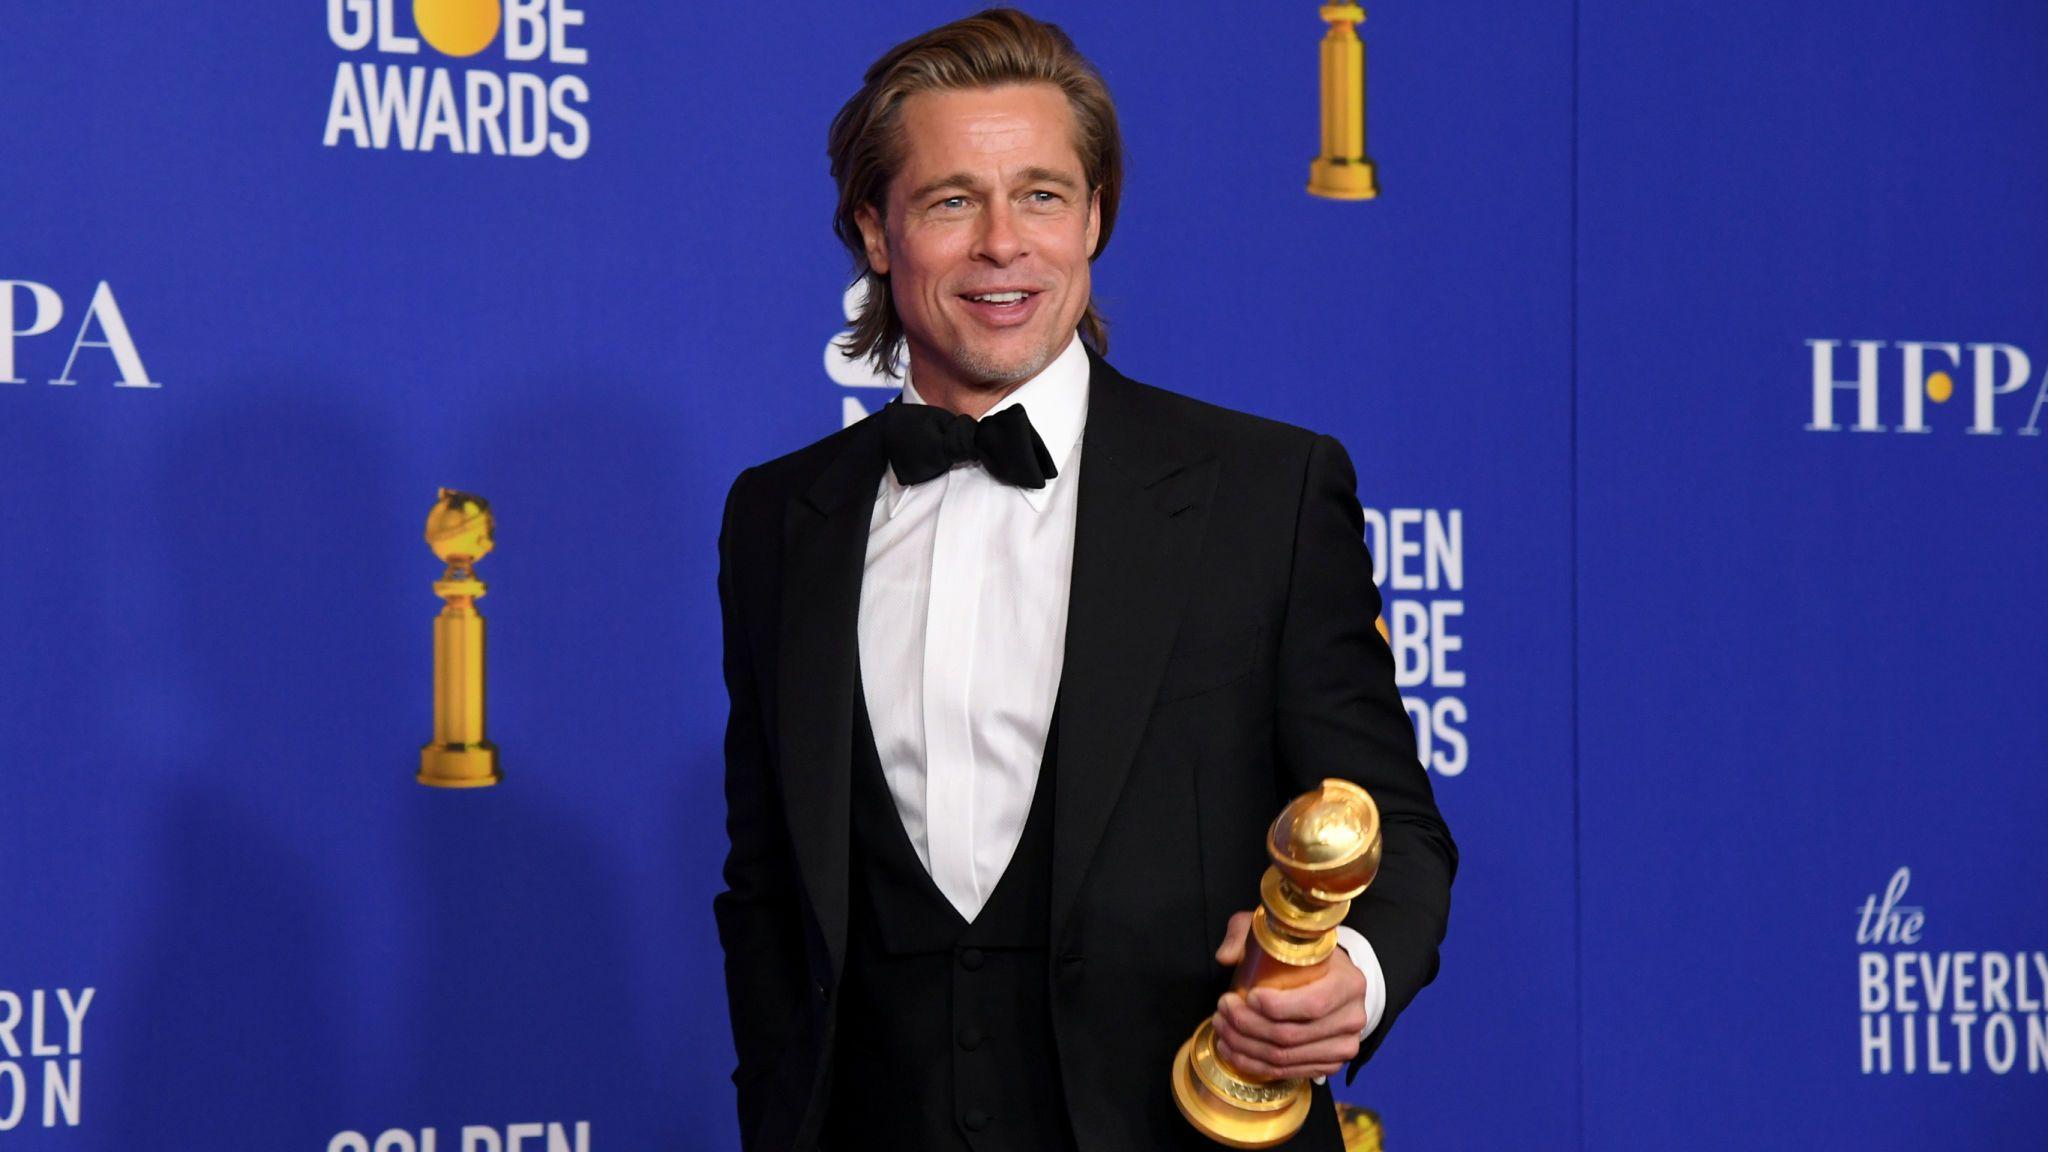 Golden Globes 2020 best supporting actor Brad Pitt